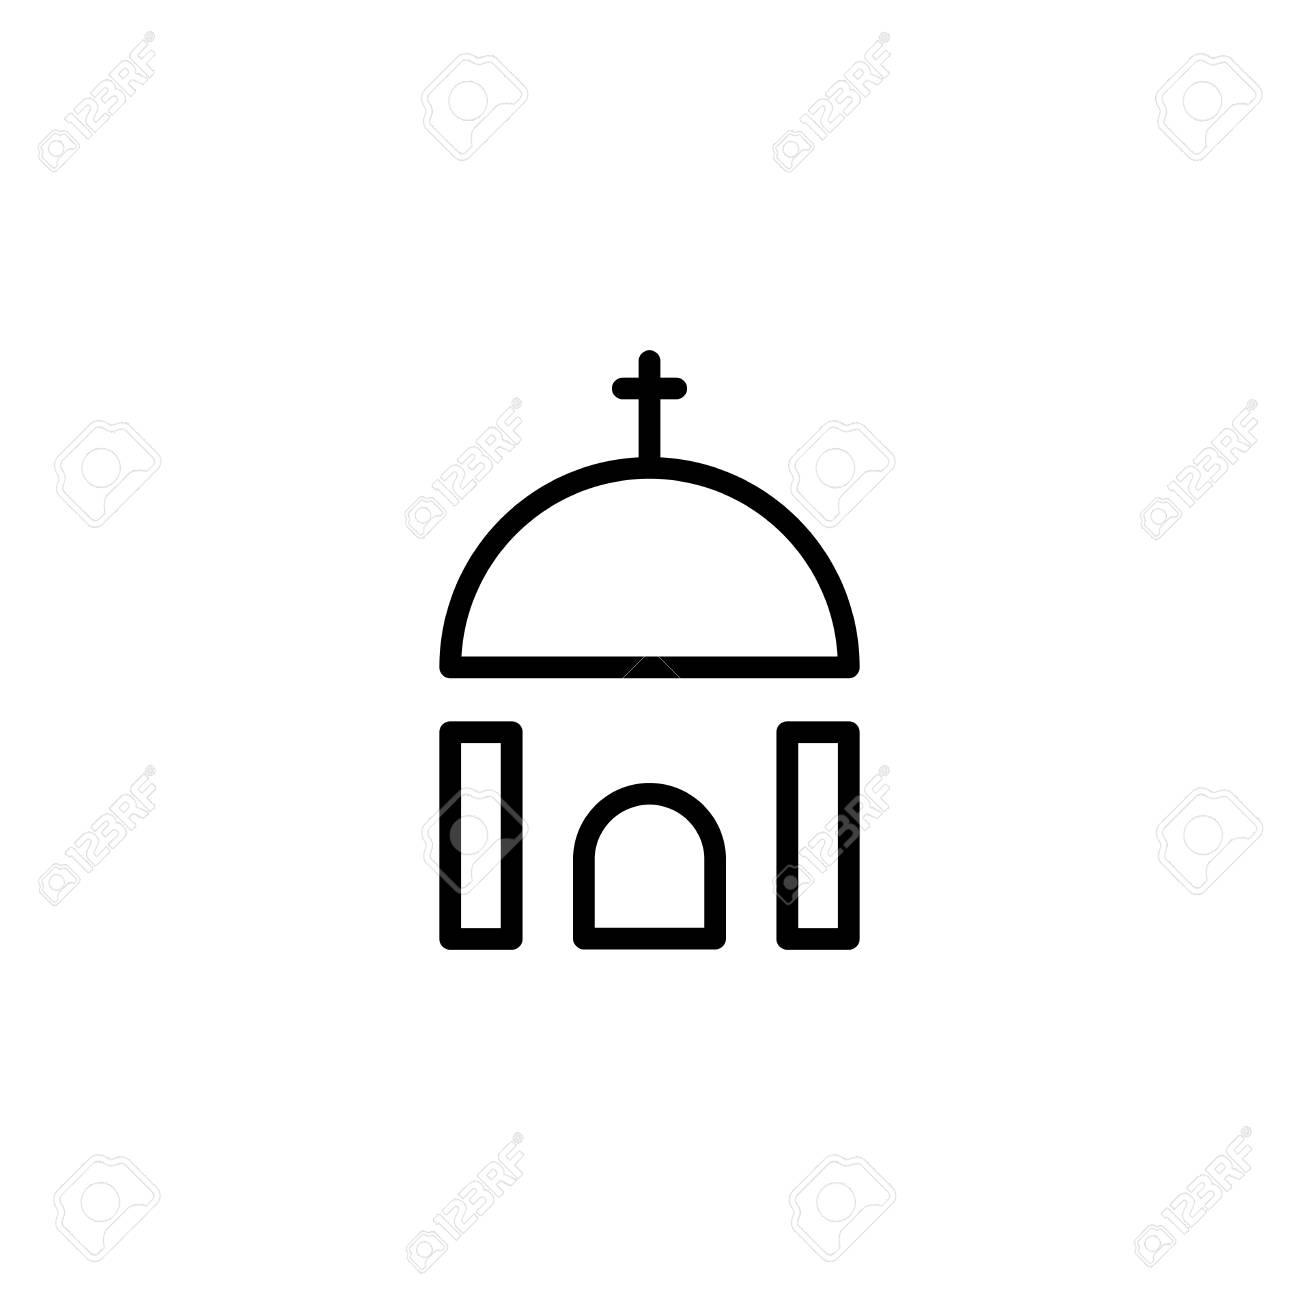 icono plano de la iglesia Único símbolo de esquema de alta calidad